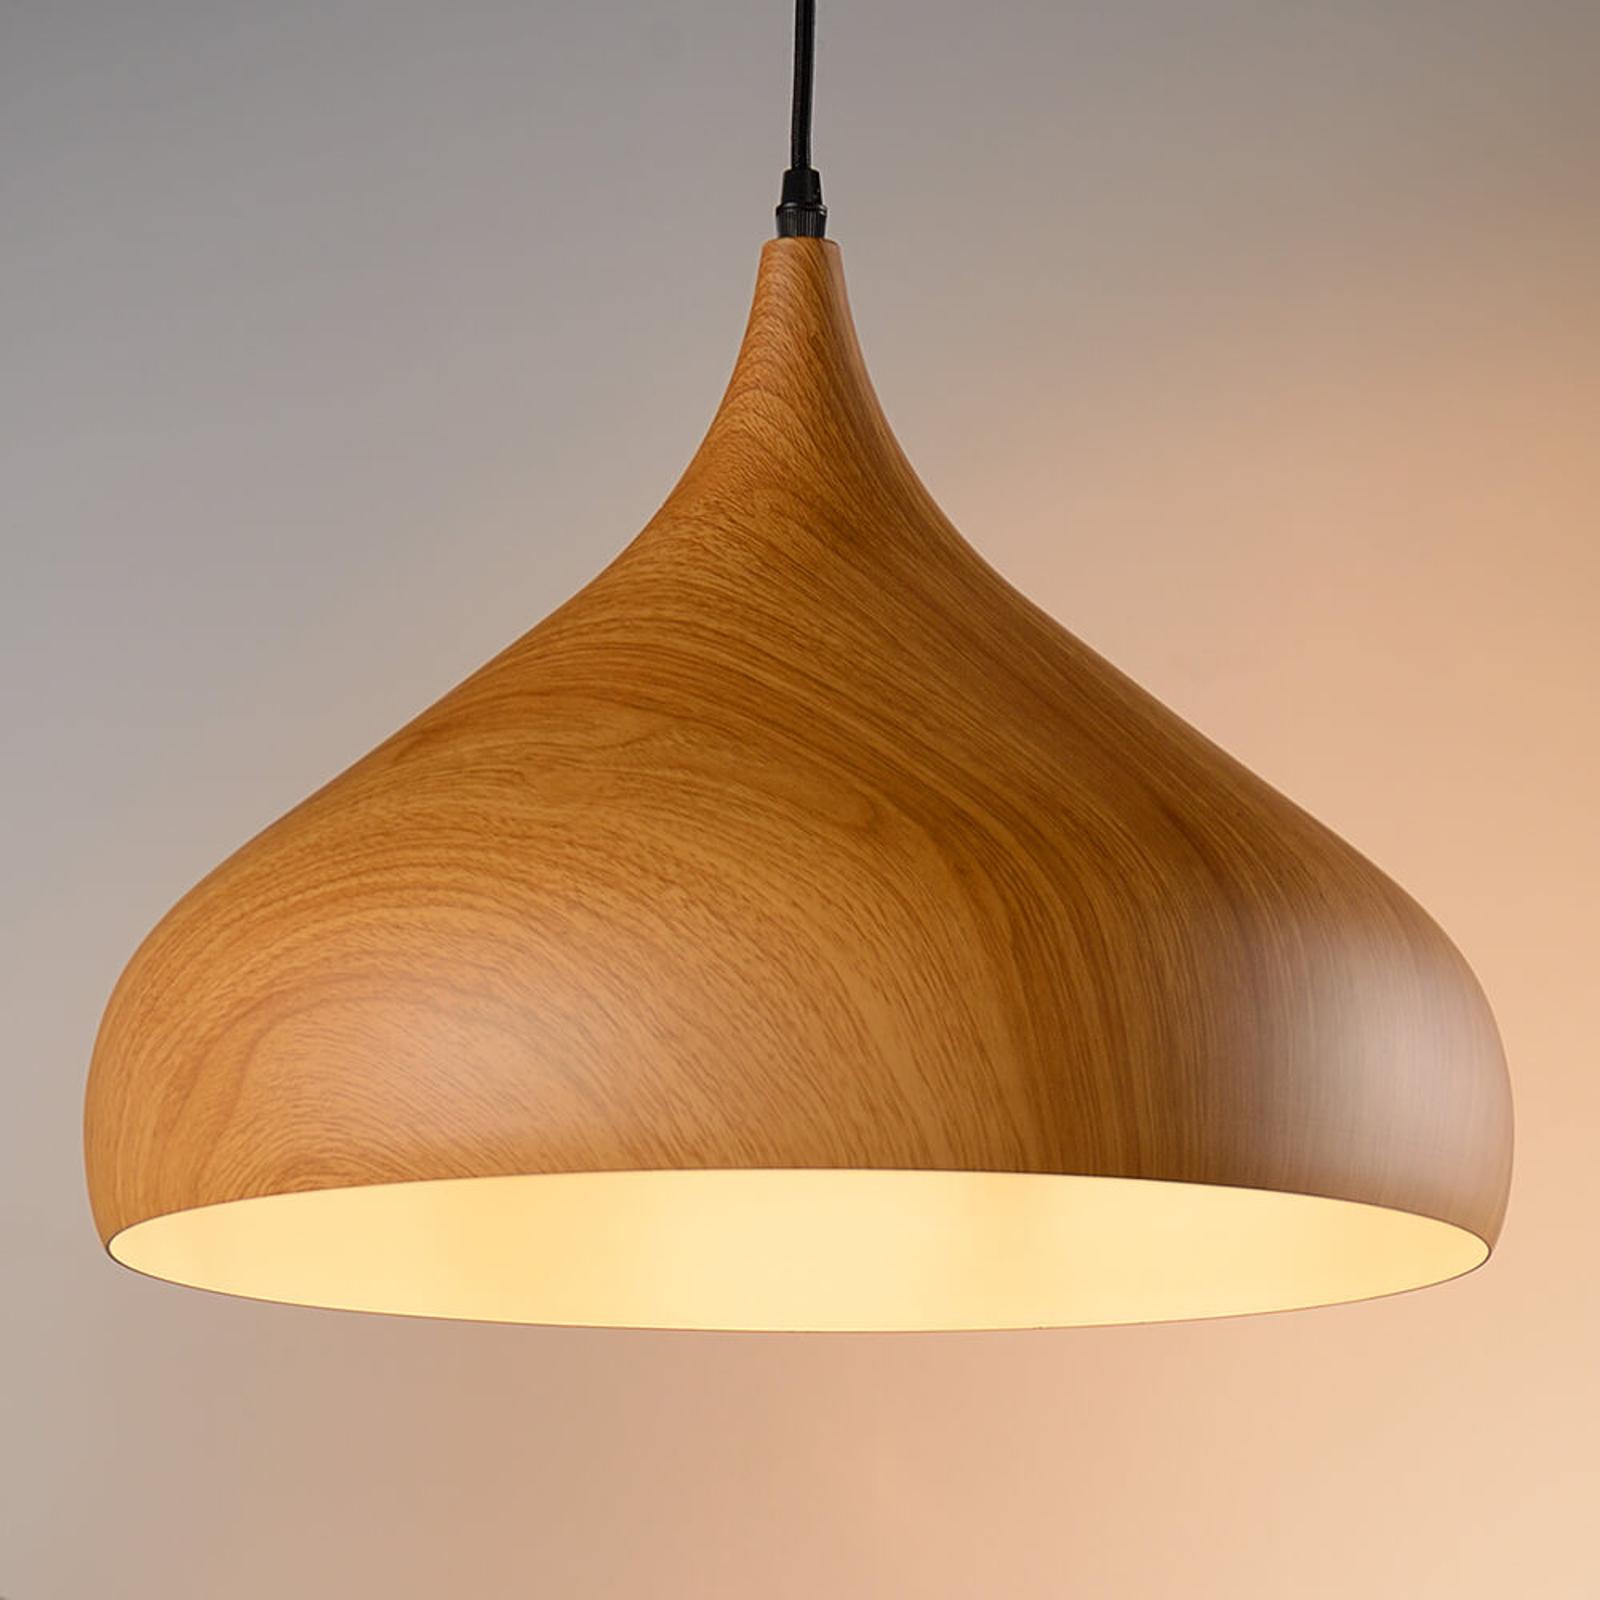 Houtkleurige hanglamp Woody met brede kap